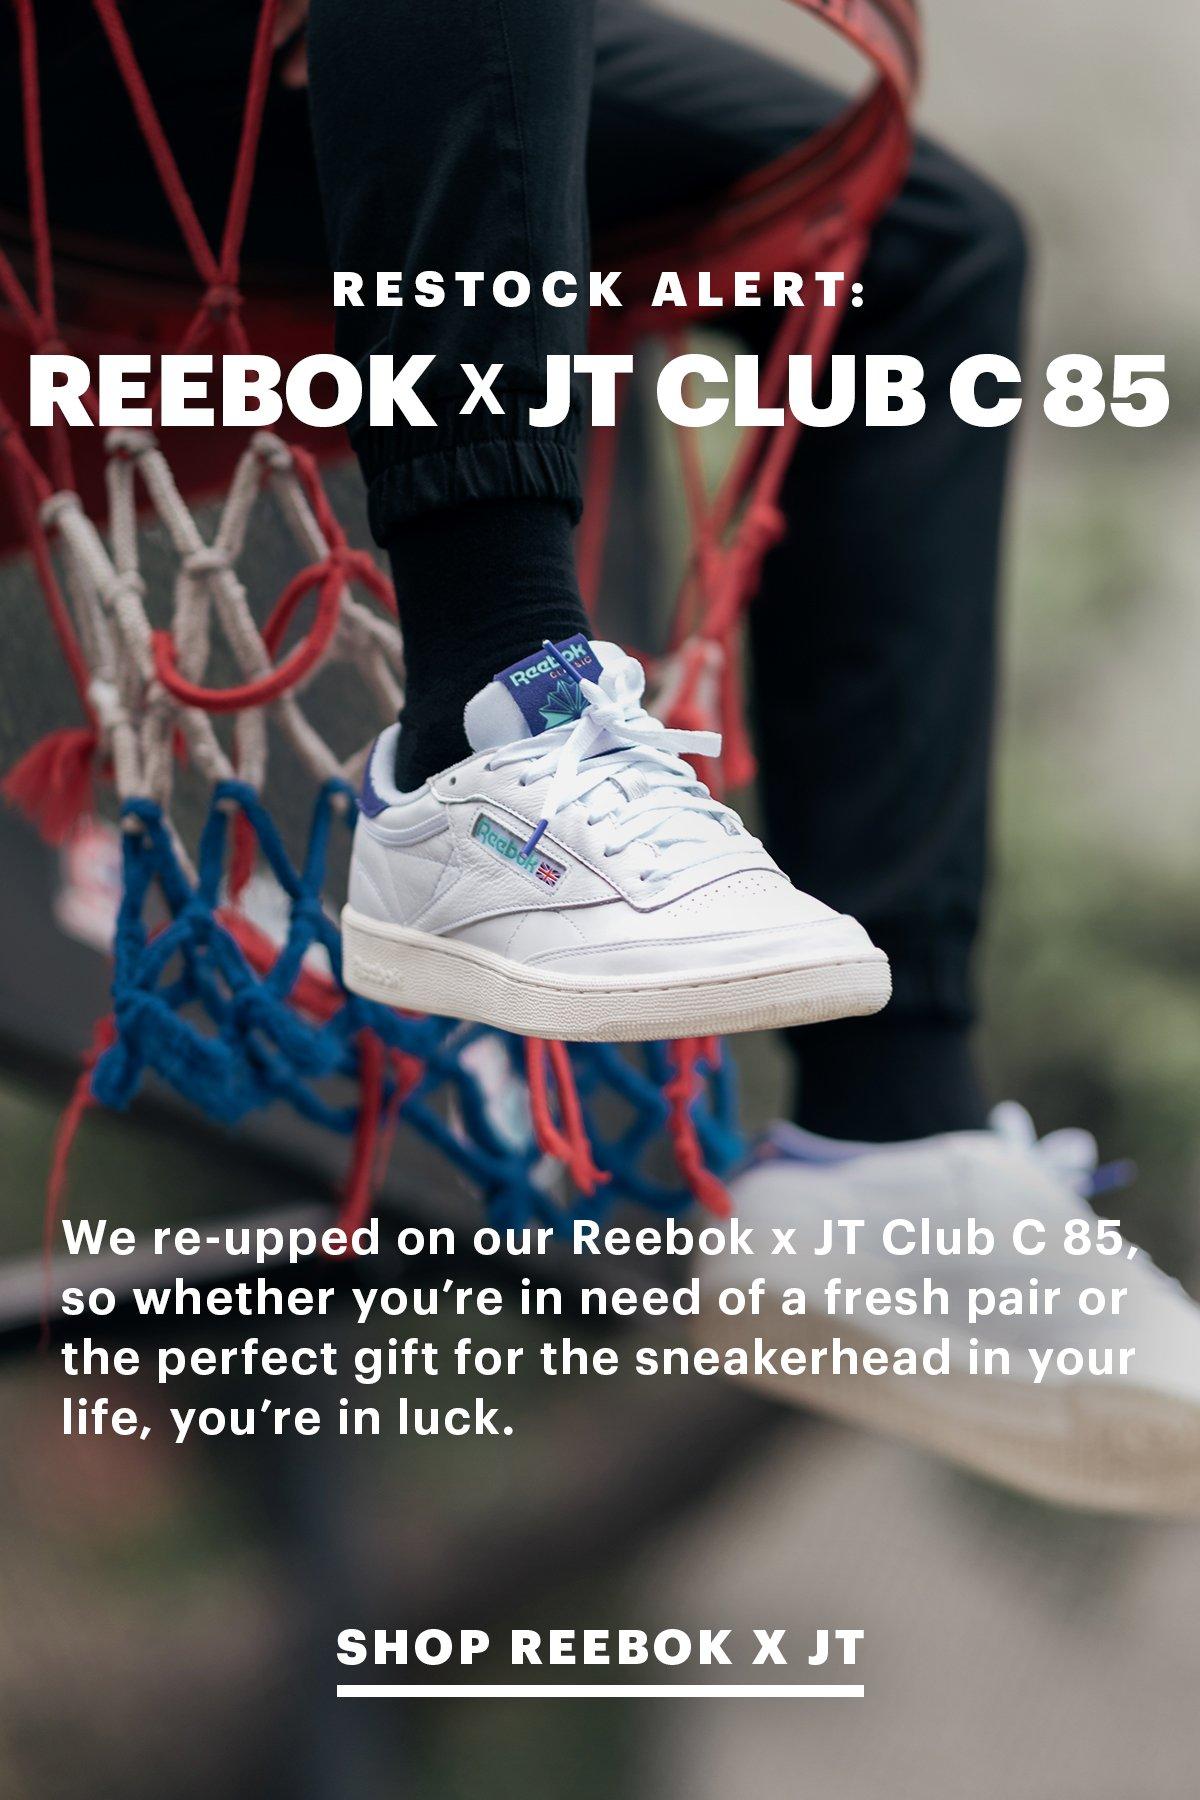 Restock Alert: X JT Club C 85